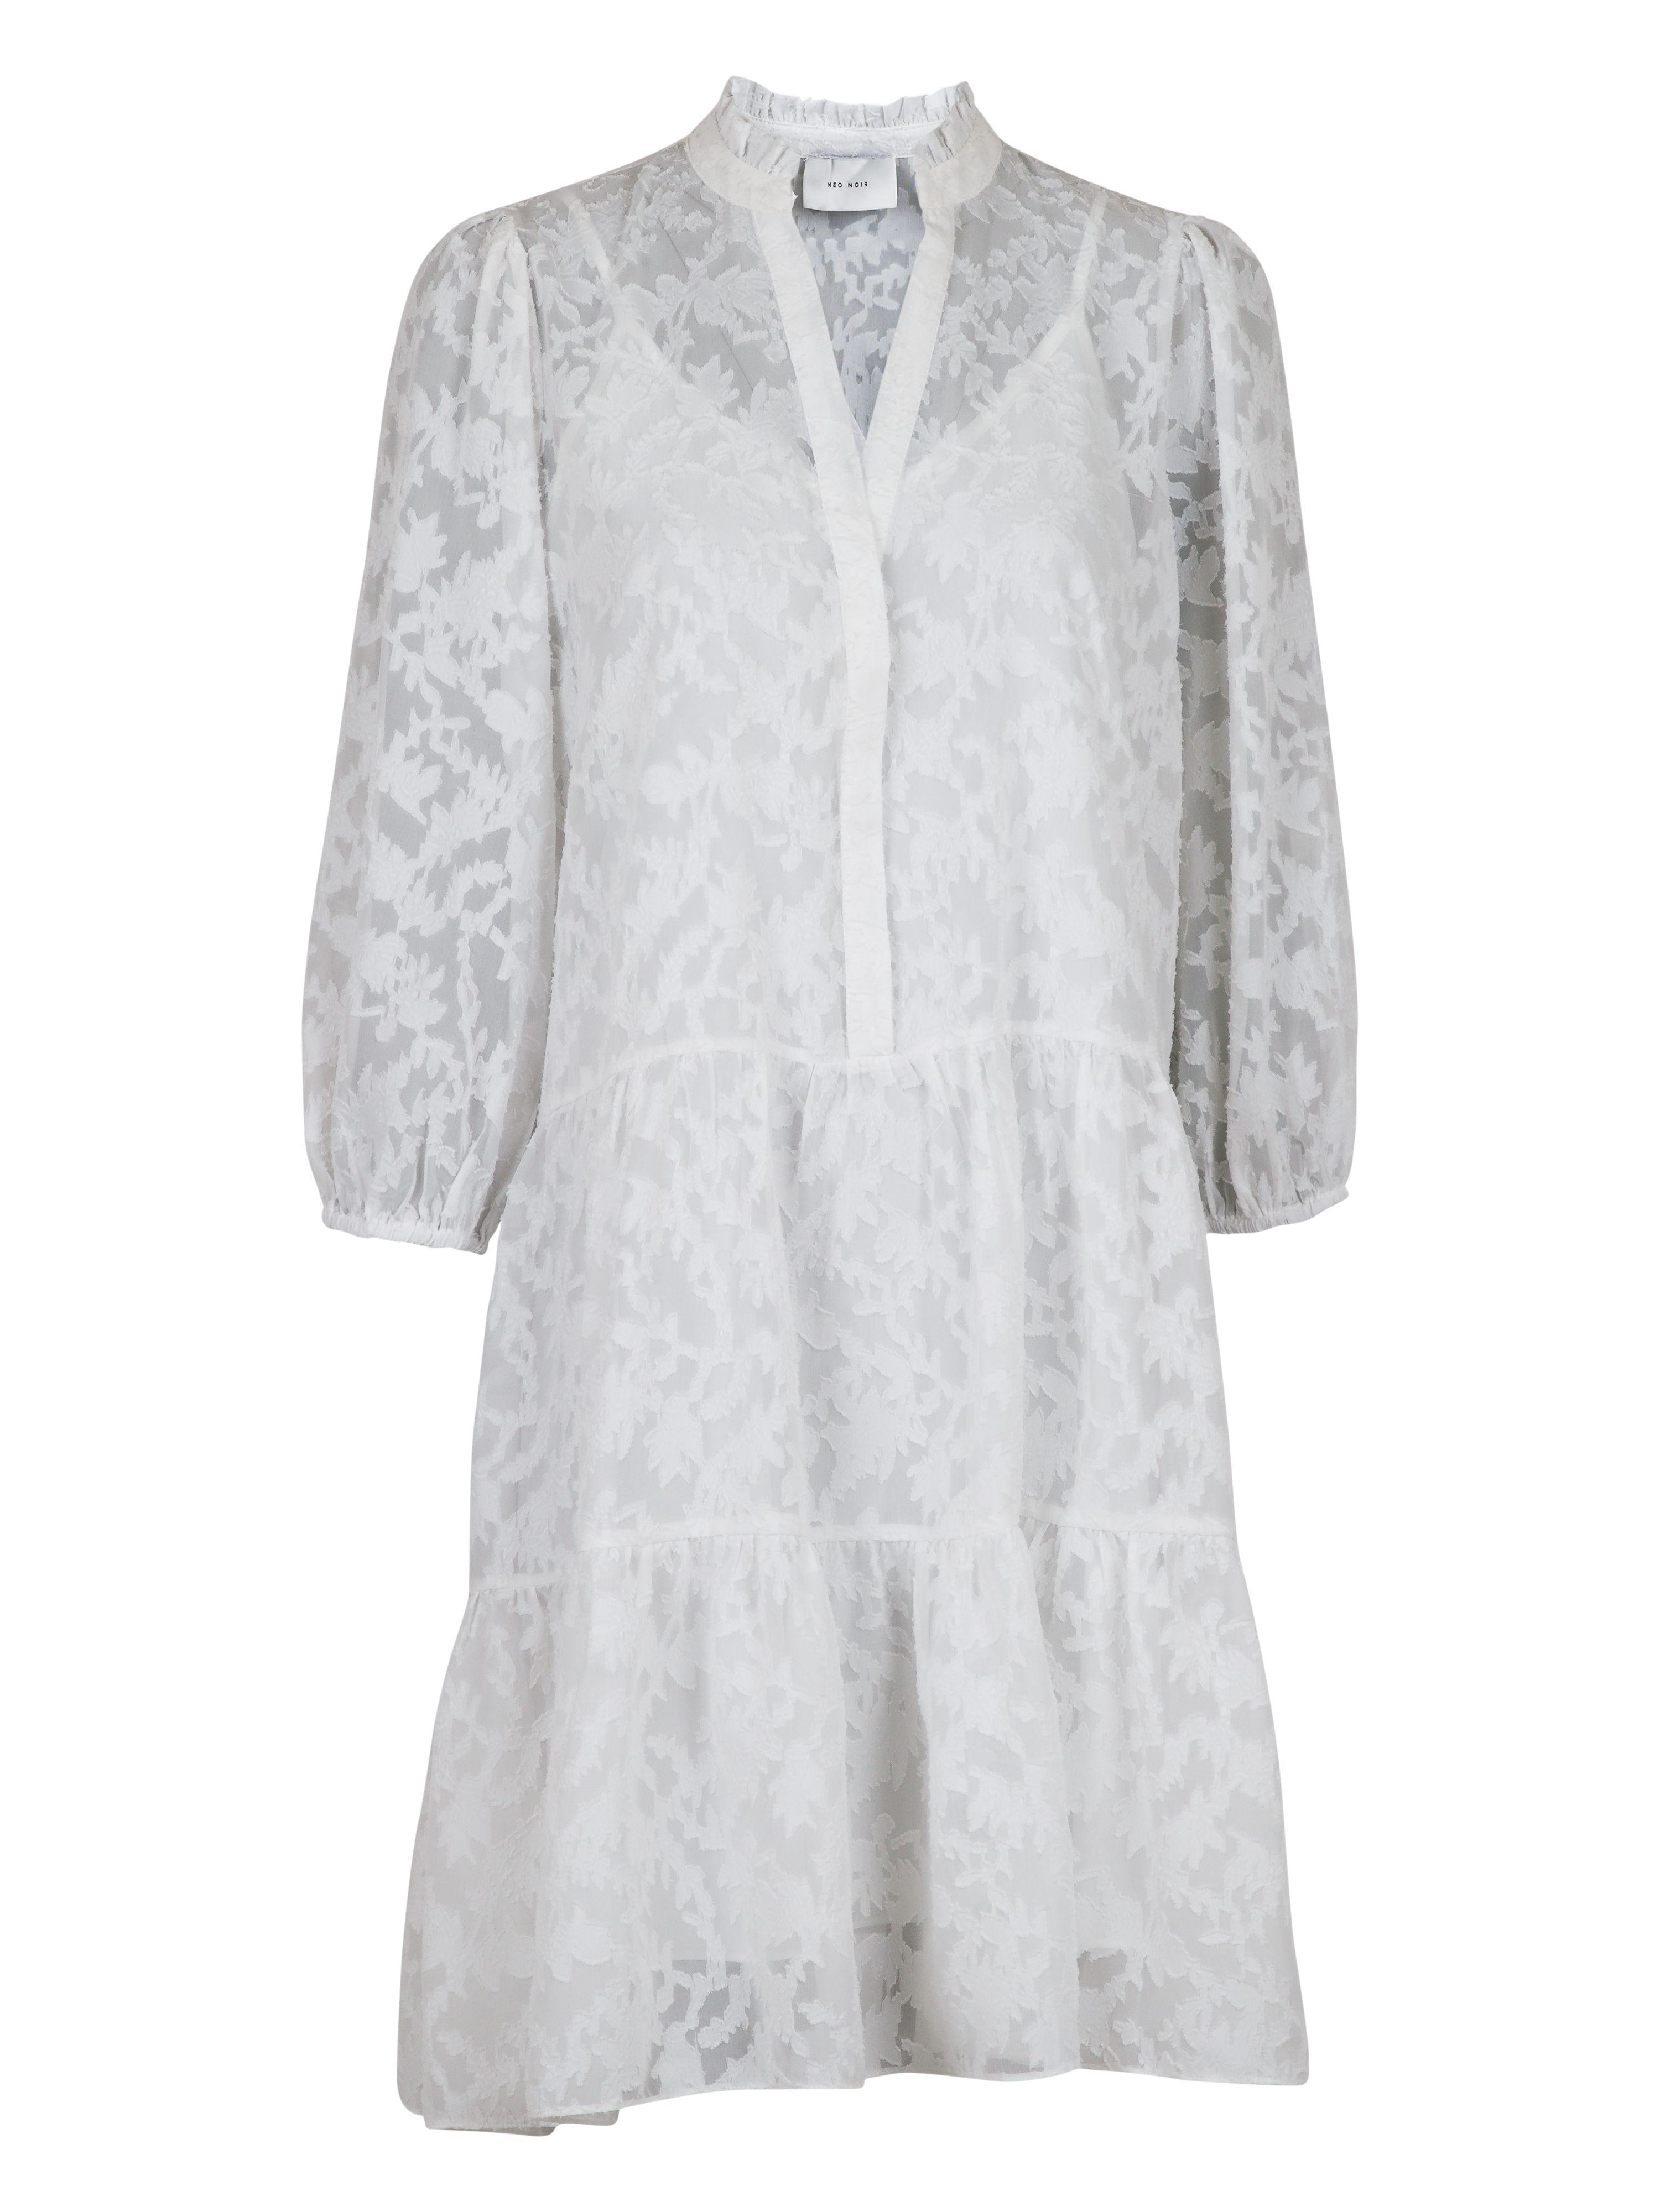 Neo Noir Fresia kjole, white, x-small